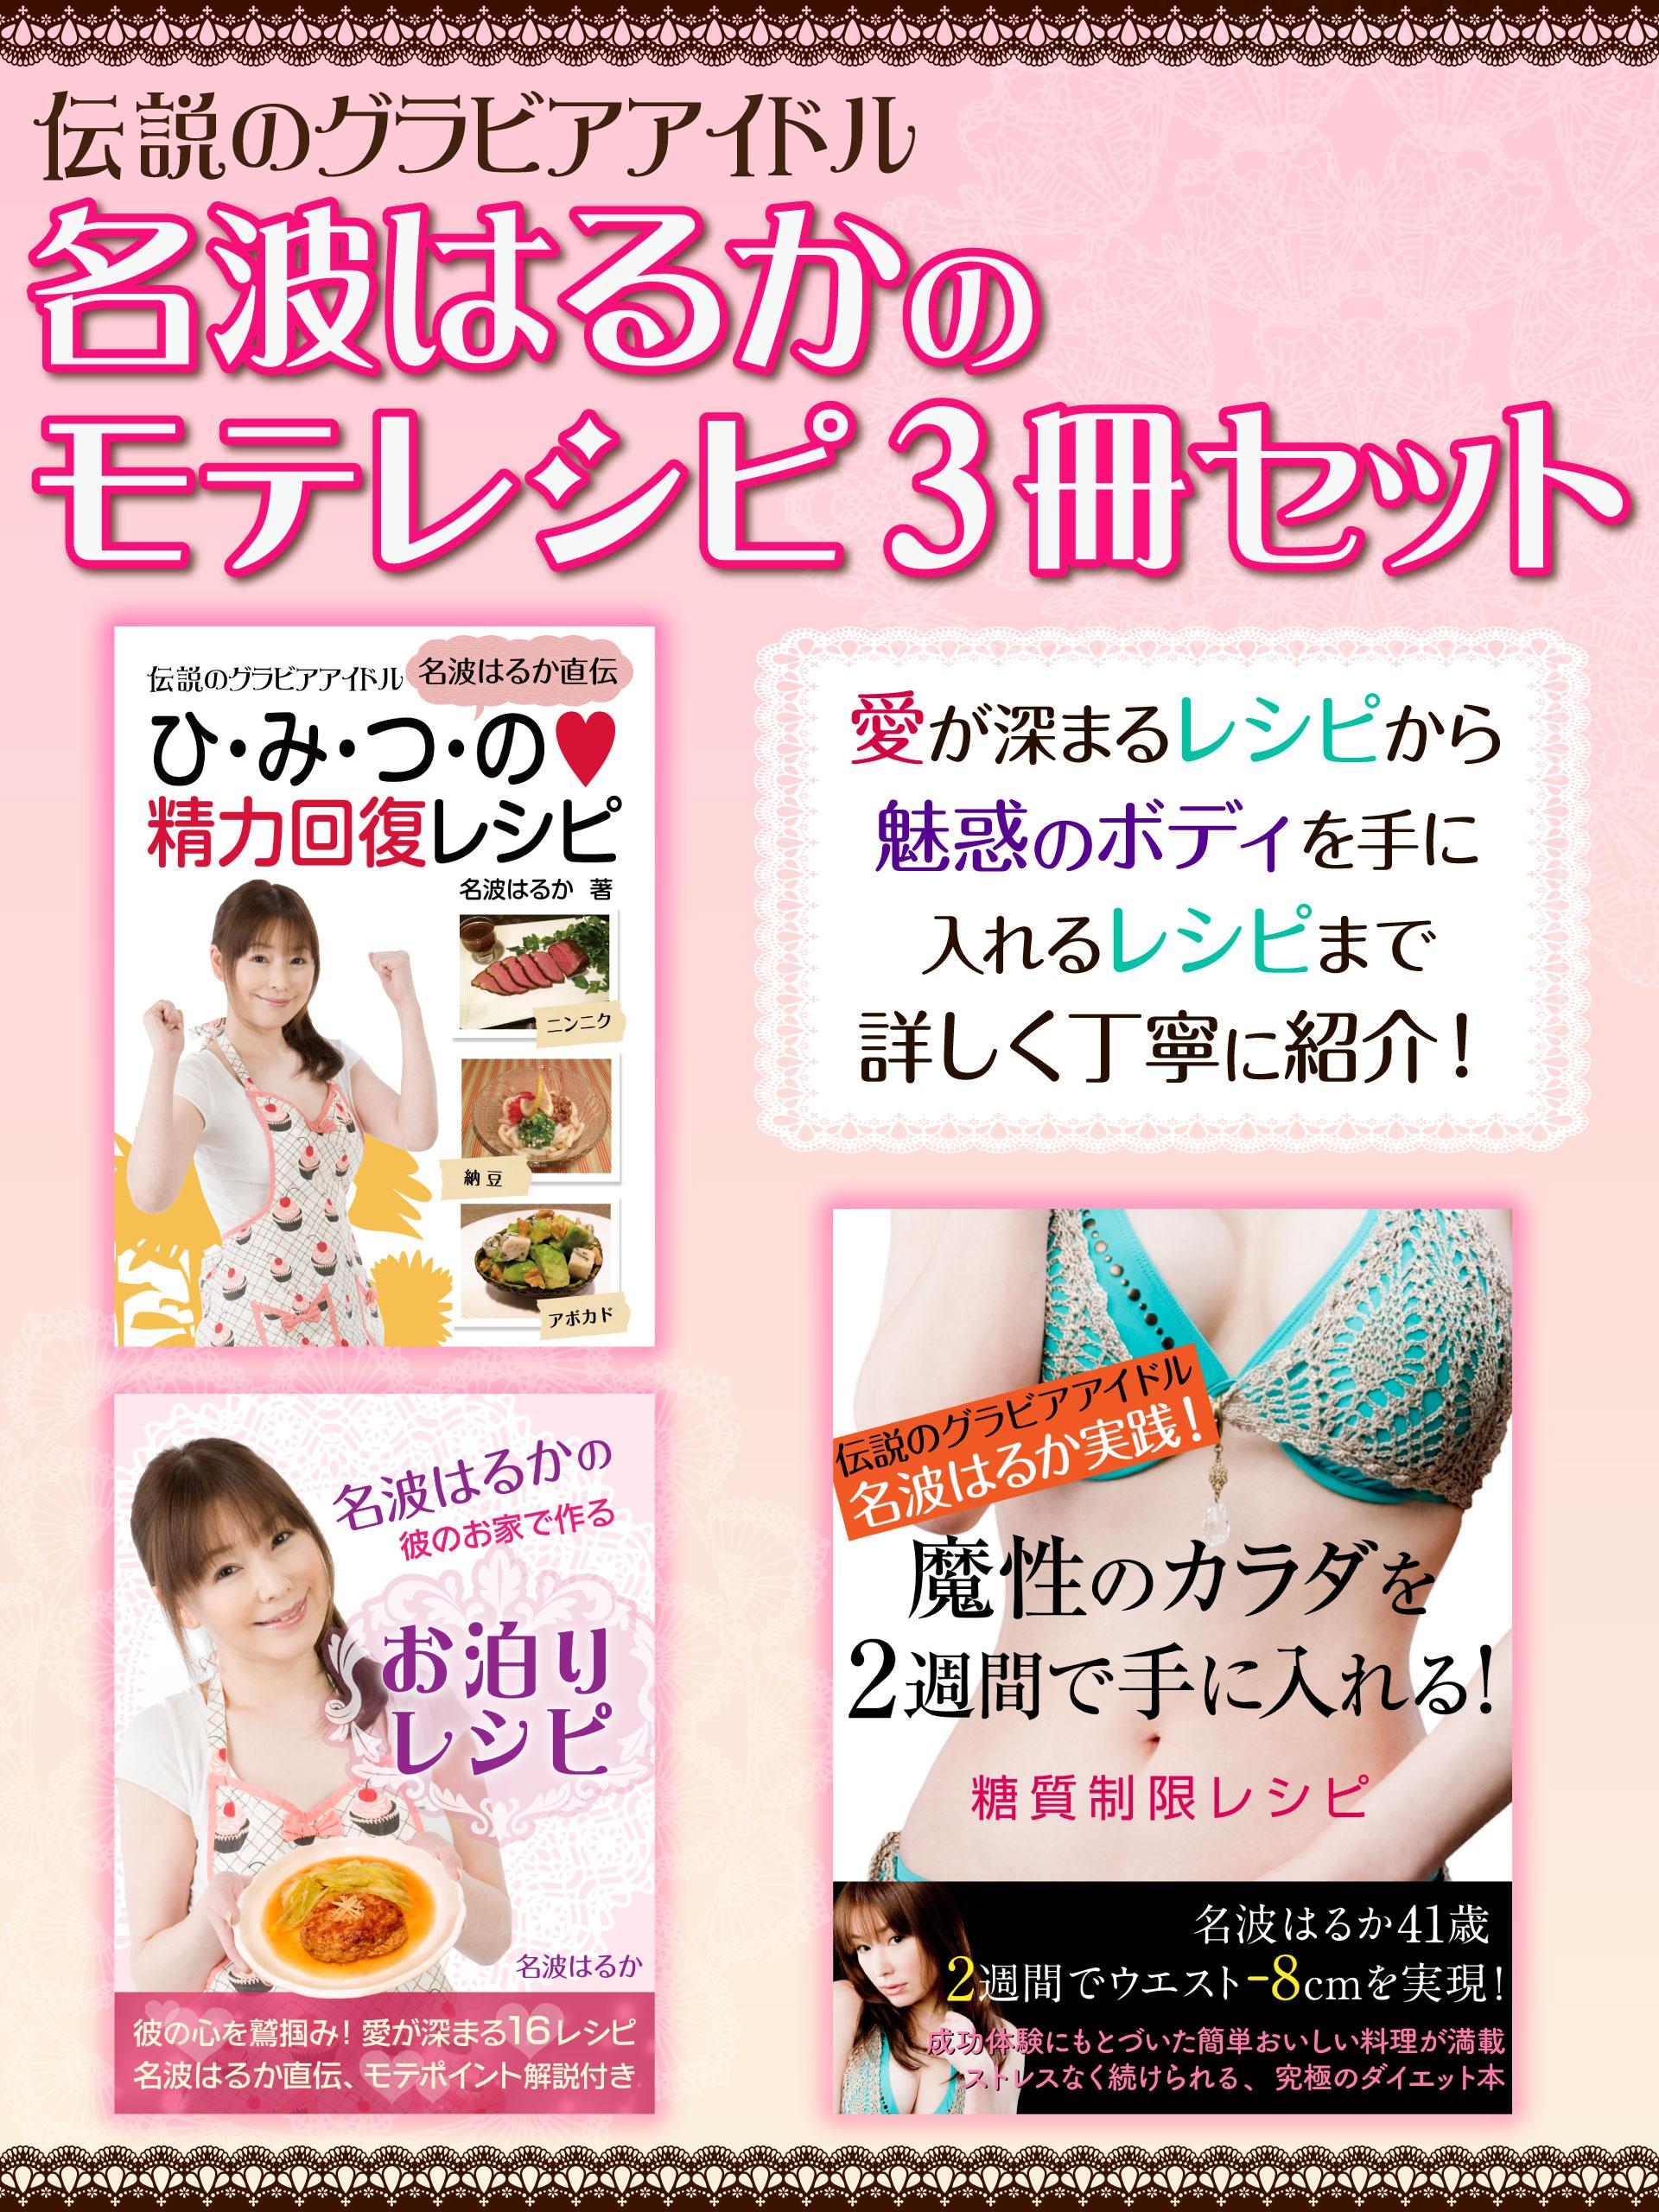 伝説のグラビアアイドル名波はるかのモテレシピ3冊セット